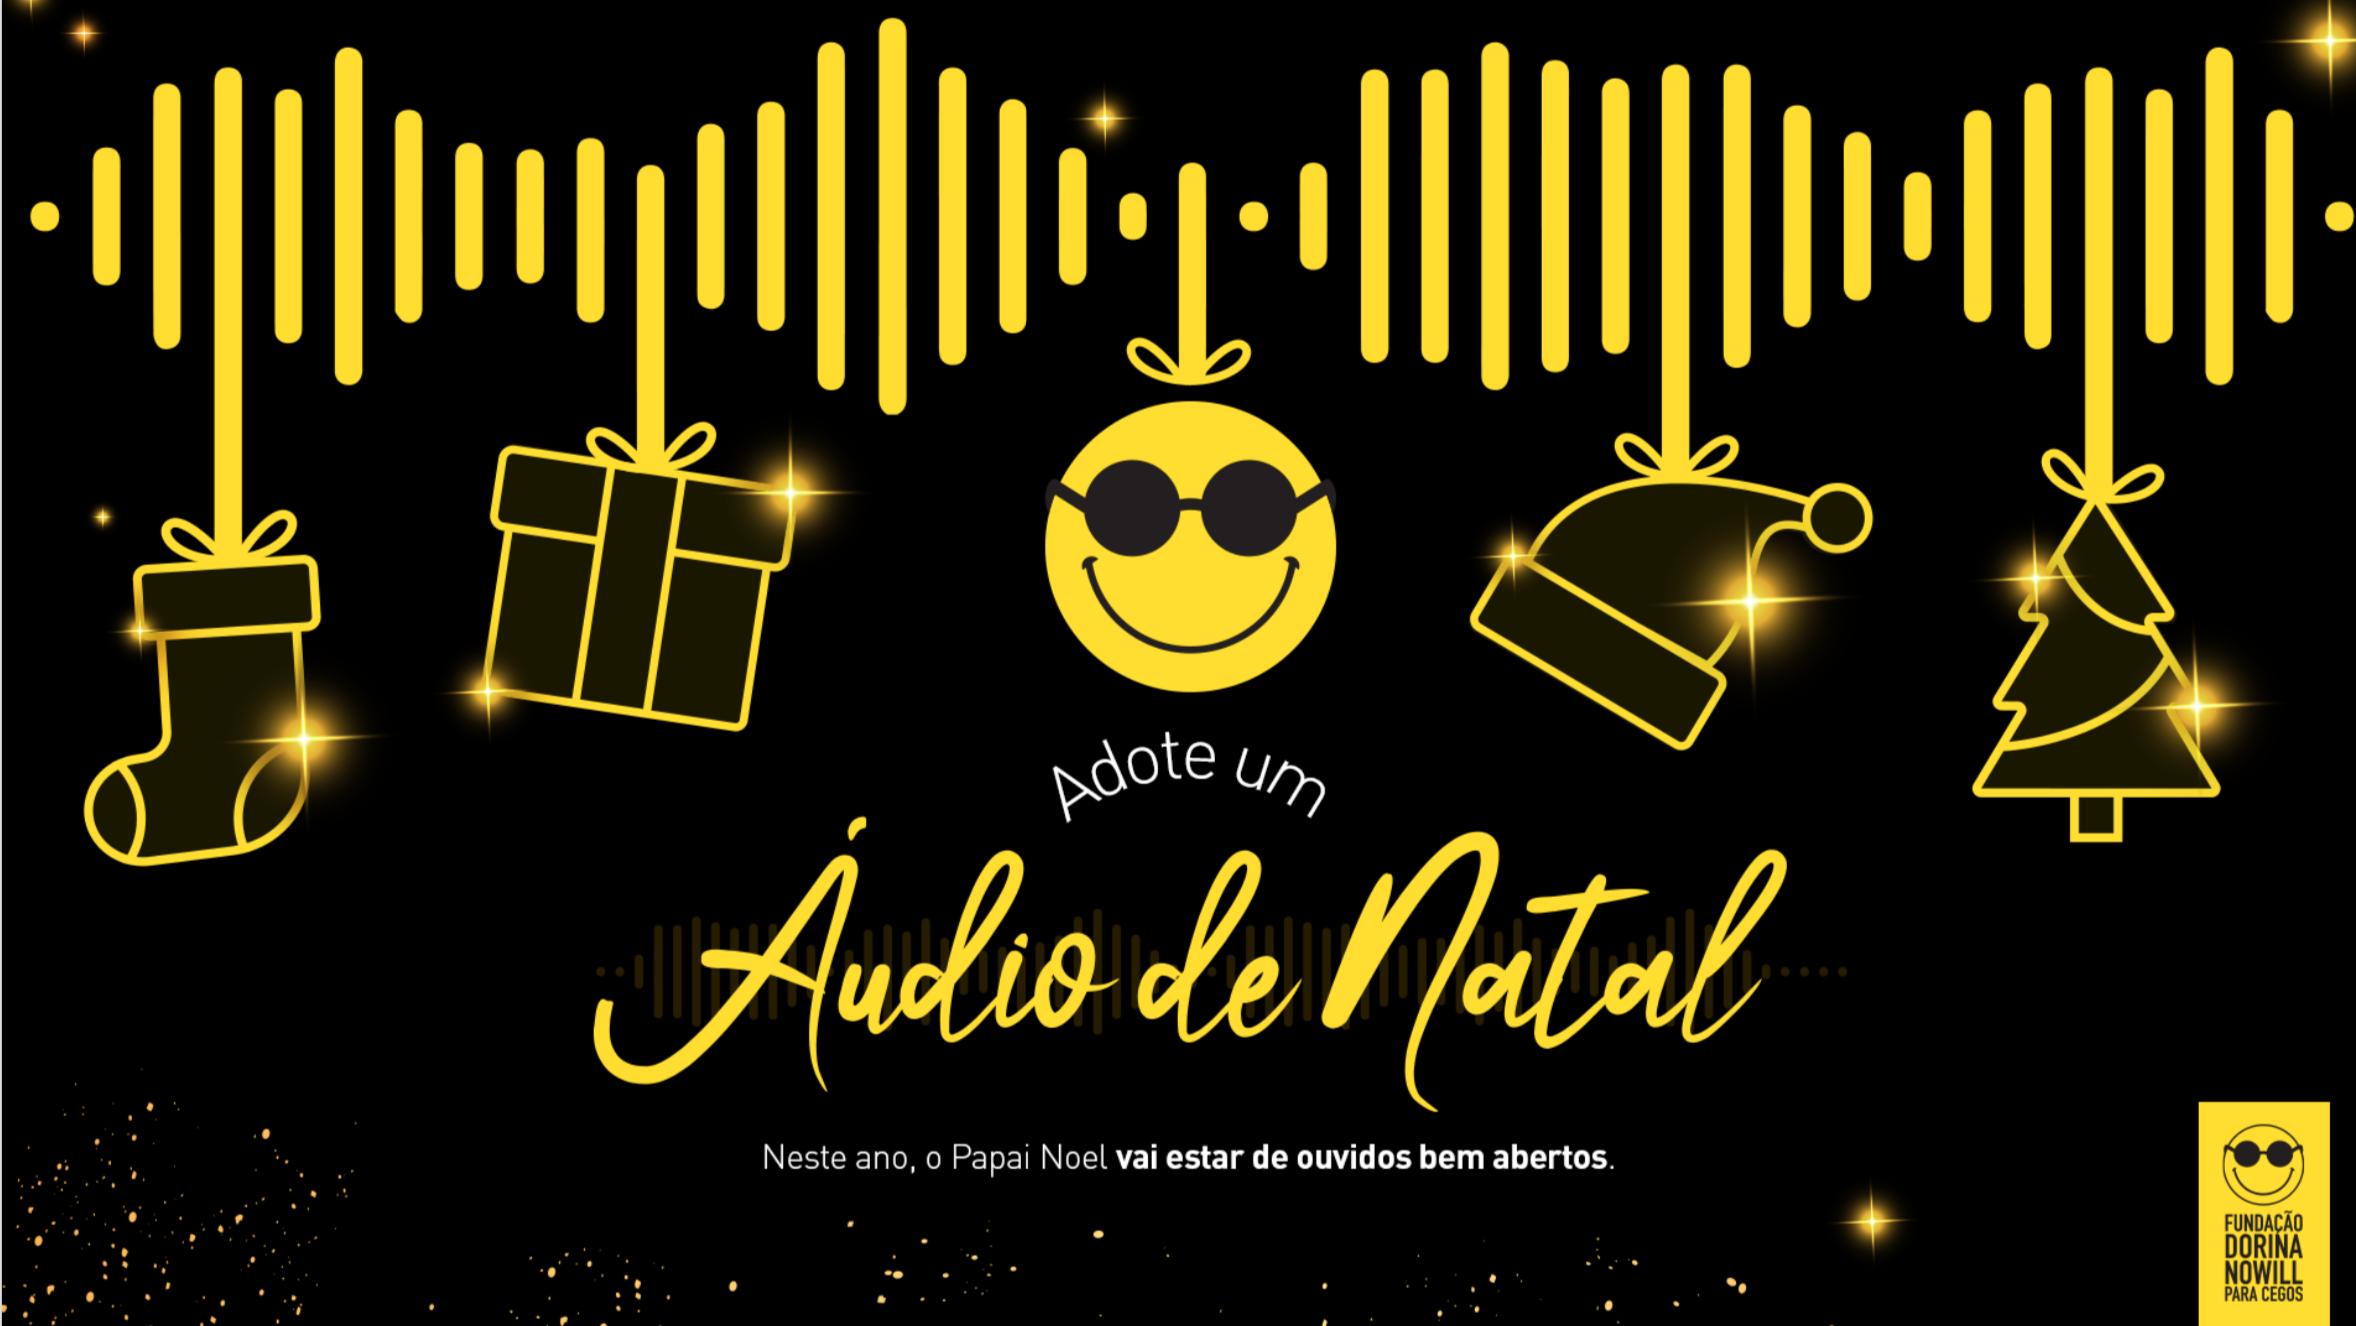 Fundação Dorina Nowill para Cegos transforma cartinhas para o Papai Noel em áudios narrados por pessoas com deficiência visual